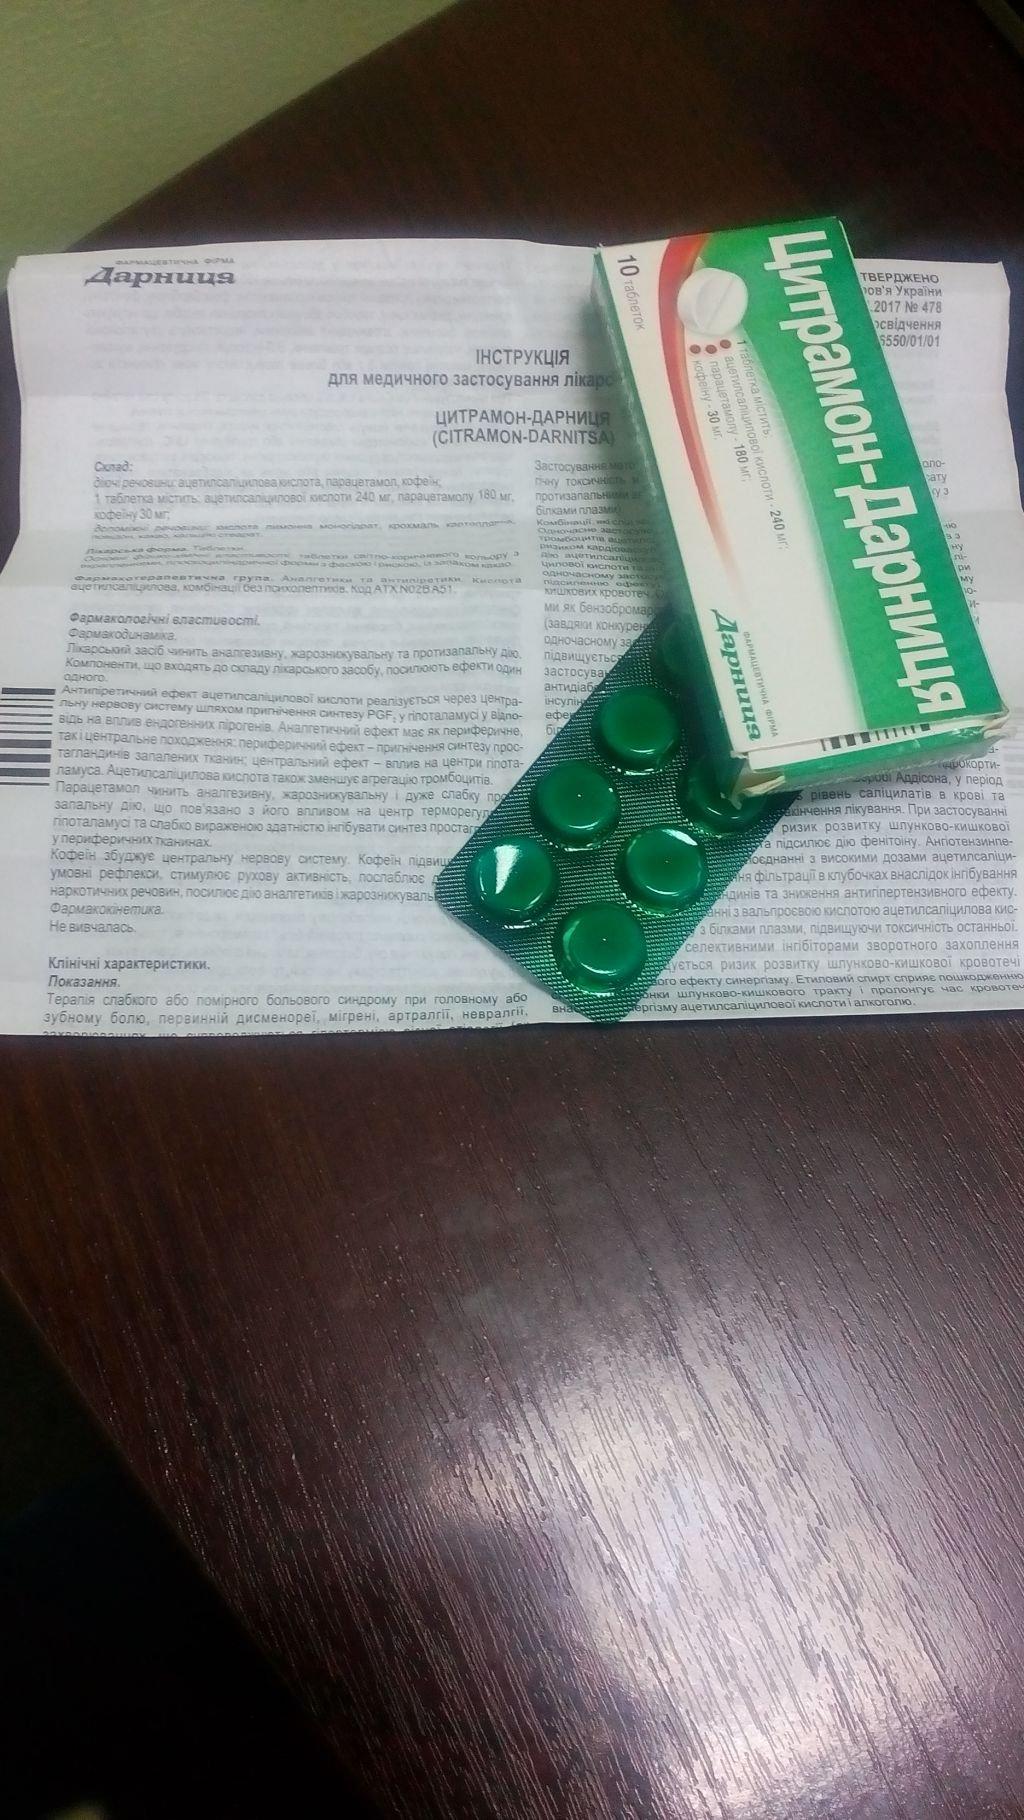 Таблетки Цитрамон - не дорогой обезболивающий препарат